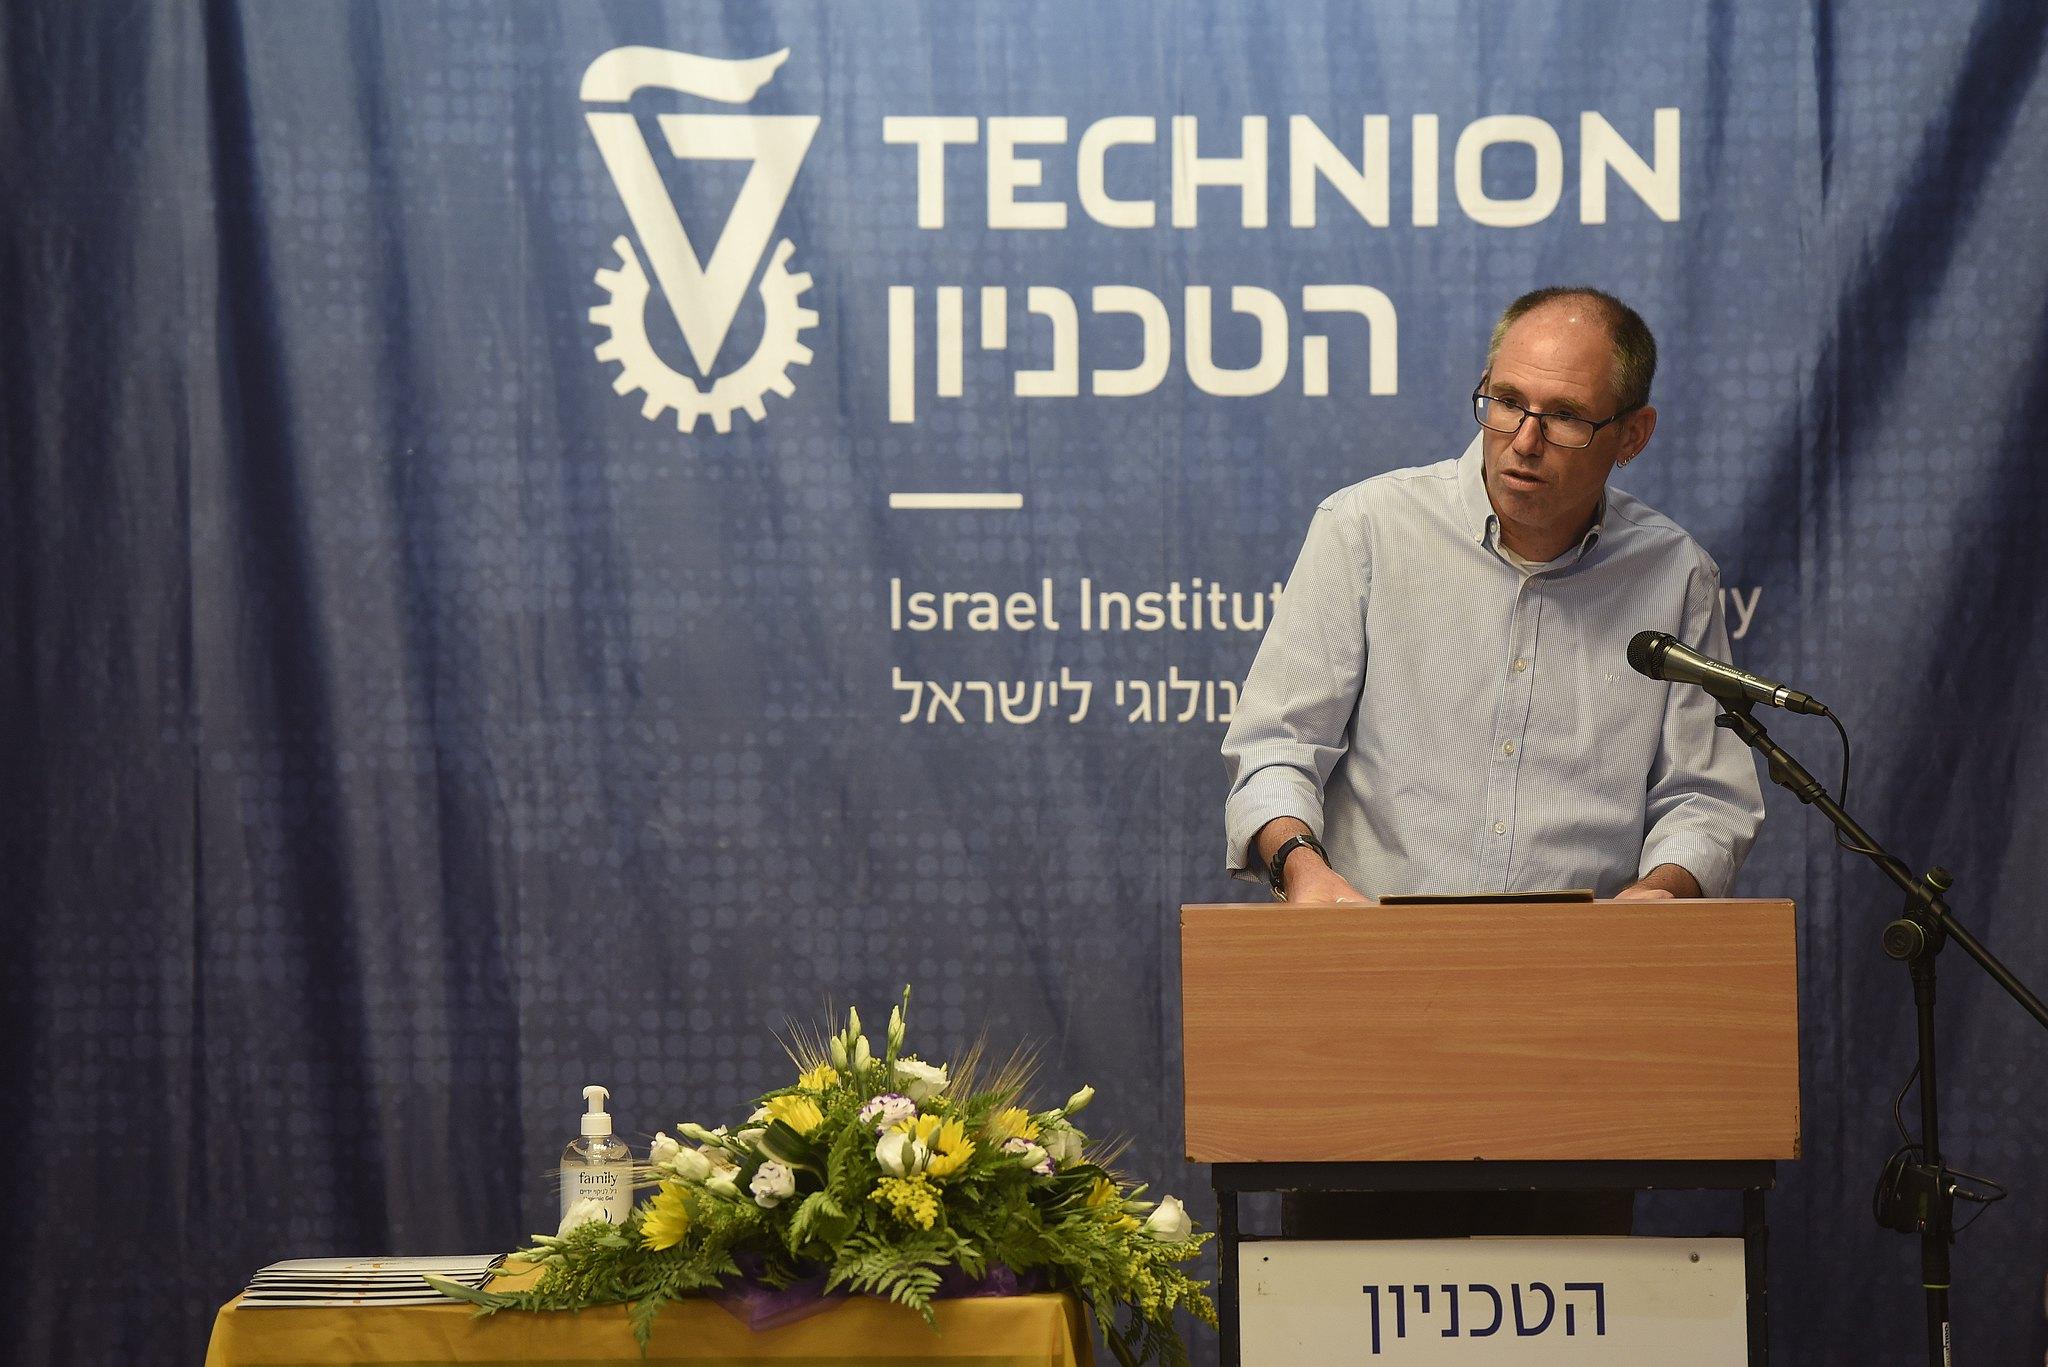 המשנה הבכיר לנשיא הטכניון פרופ' עודד רבינוביץ' בטקס